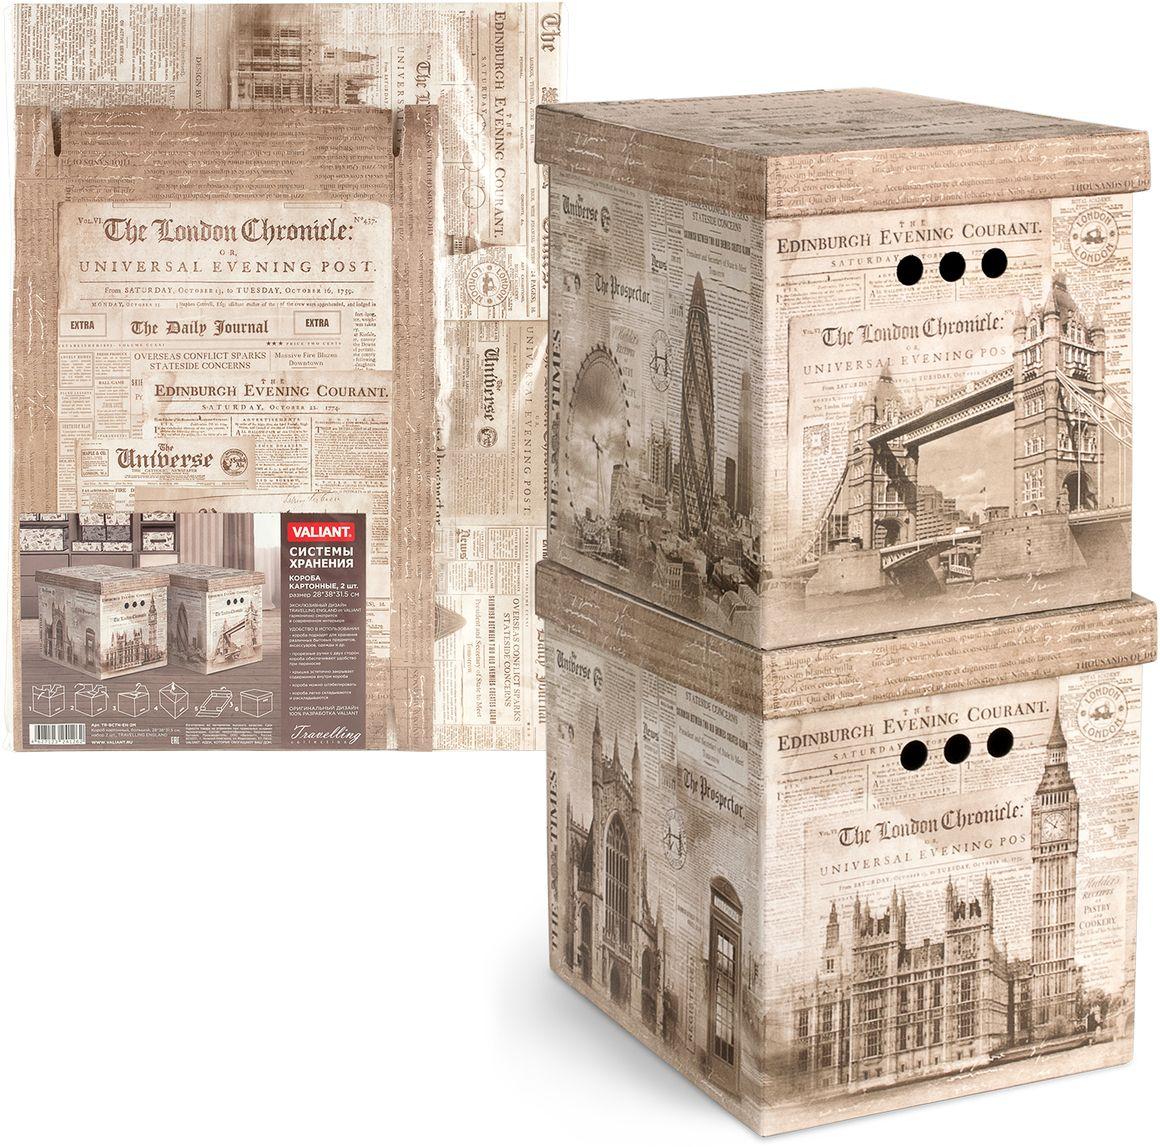 Набор коробок Valiant Travelling England, складных, 28 х 38 х 31,5 см, 2 штTR-BCTN-EN-2MНабор из 2 складных картонных коробок Valiant Travelling England подходит для хранения различных бытовых предметов, аксессуаров, одежды и др. Прорезные ручки с двух сторон короба обеспечивают удобство при переноске. Крышка эстетично закрывает содержимое внутри короба. Короба можно штабилировать. Короба легко складываются и раскладываются.